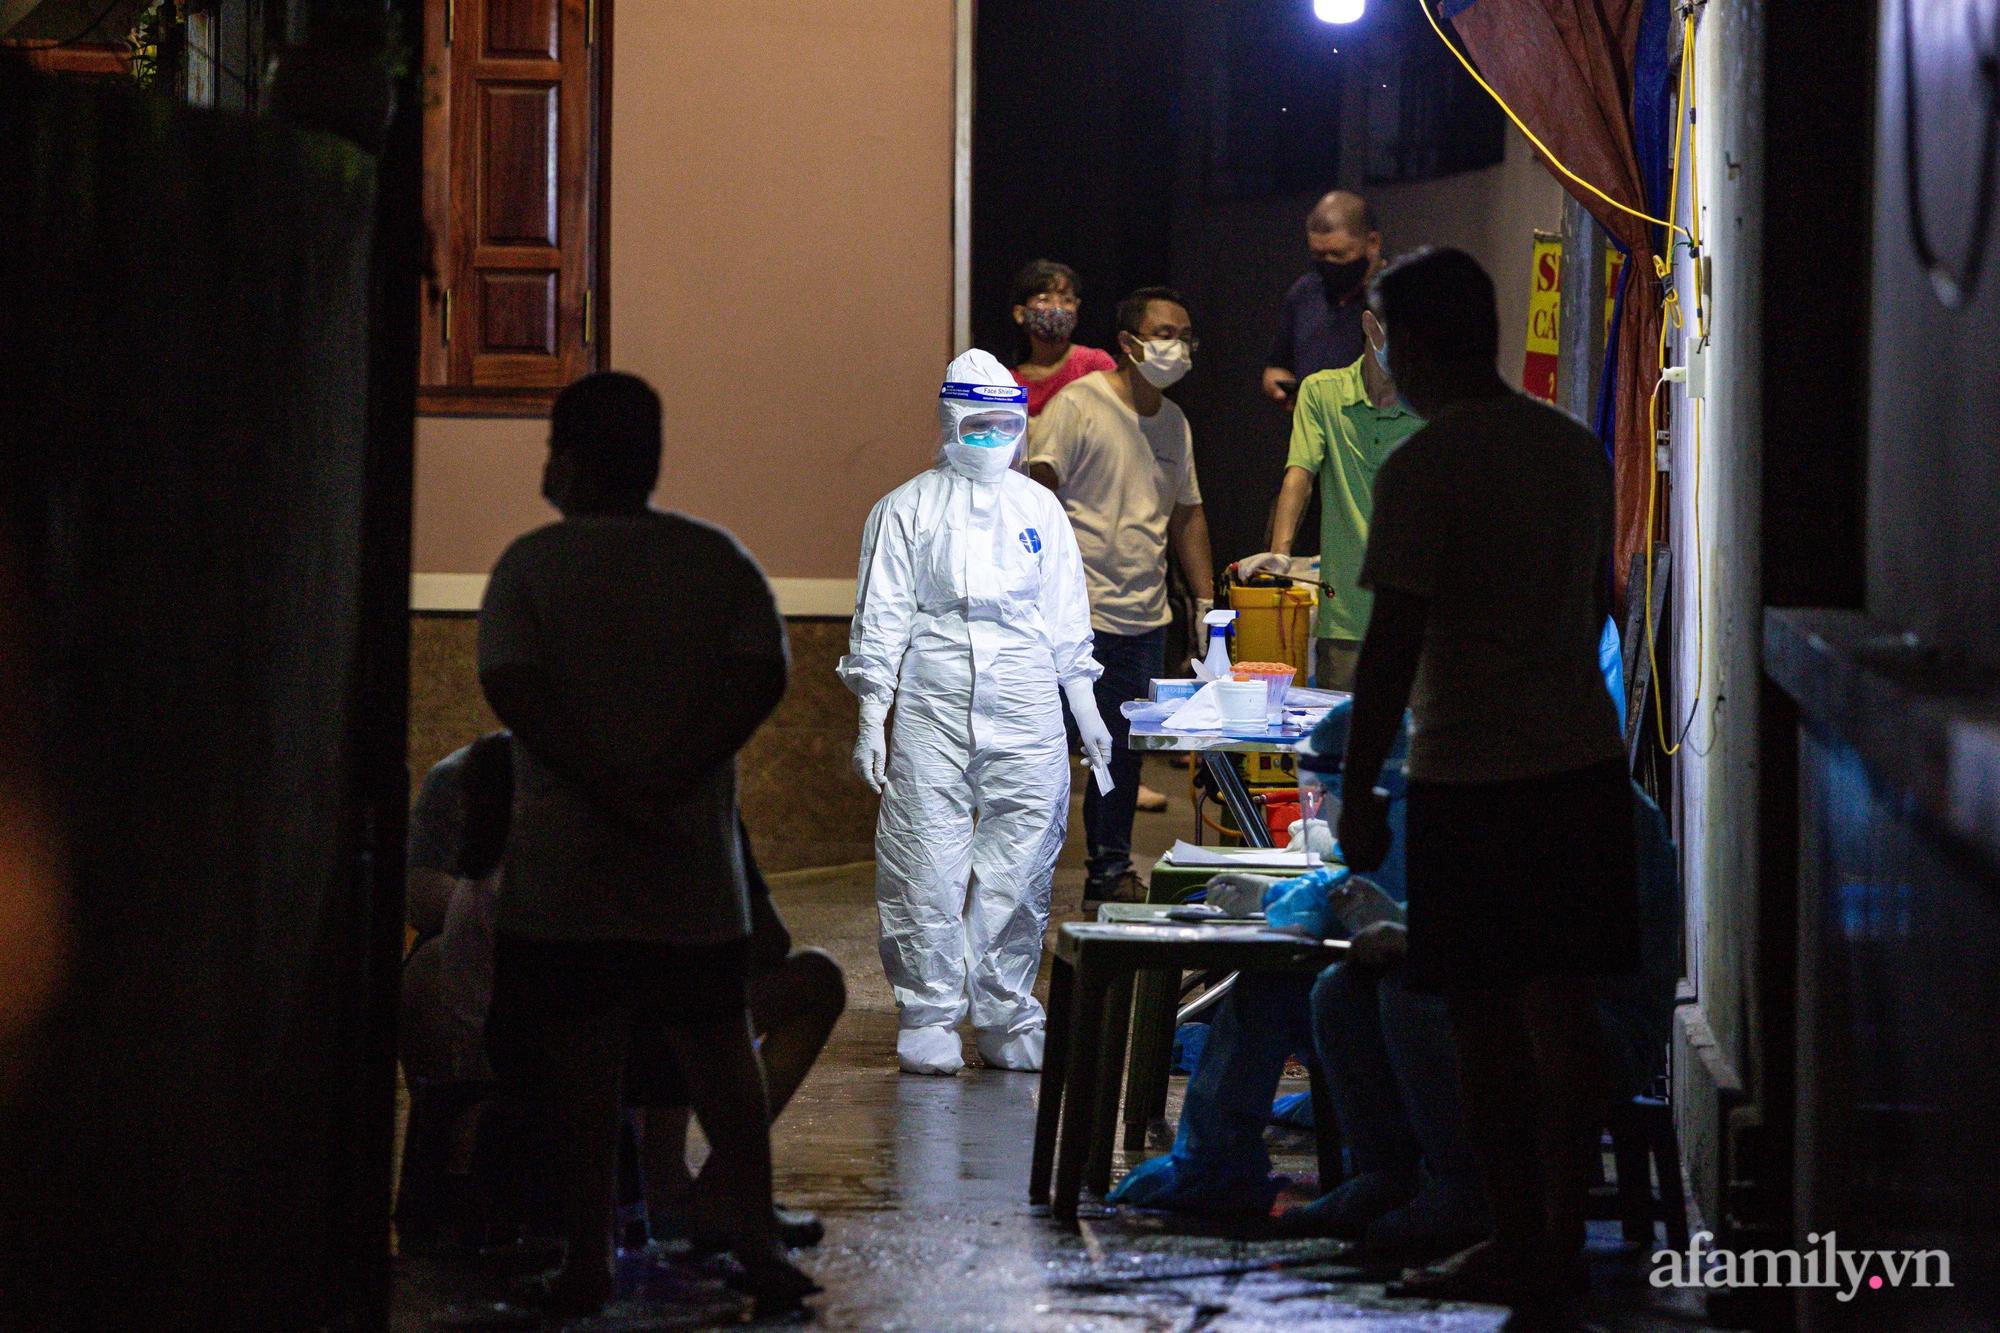 Hà Nội: Phong tỏa cửa hàng tạp hóa trong ngõ 79 đường Cầu Giấy, khẩn trương lấy mẫu xét nghiệm, truy vết trong đêm - Ảnh 1.